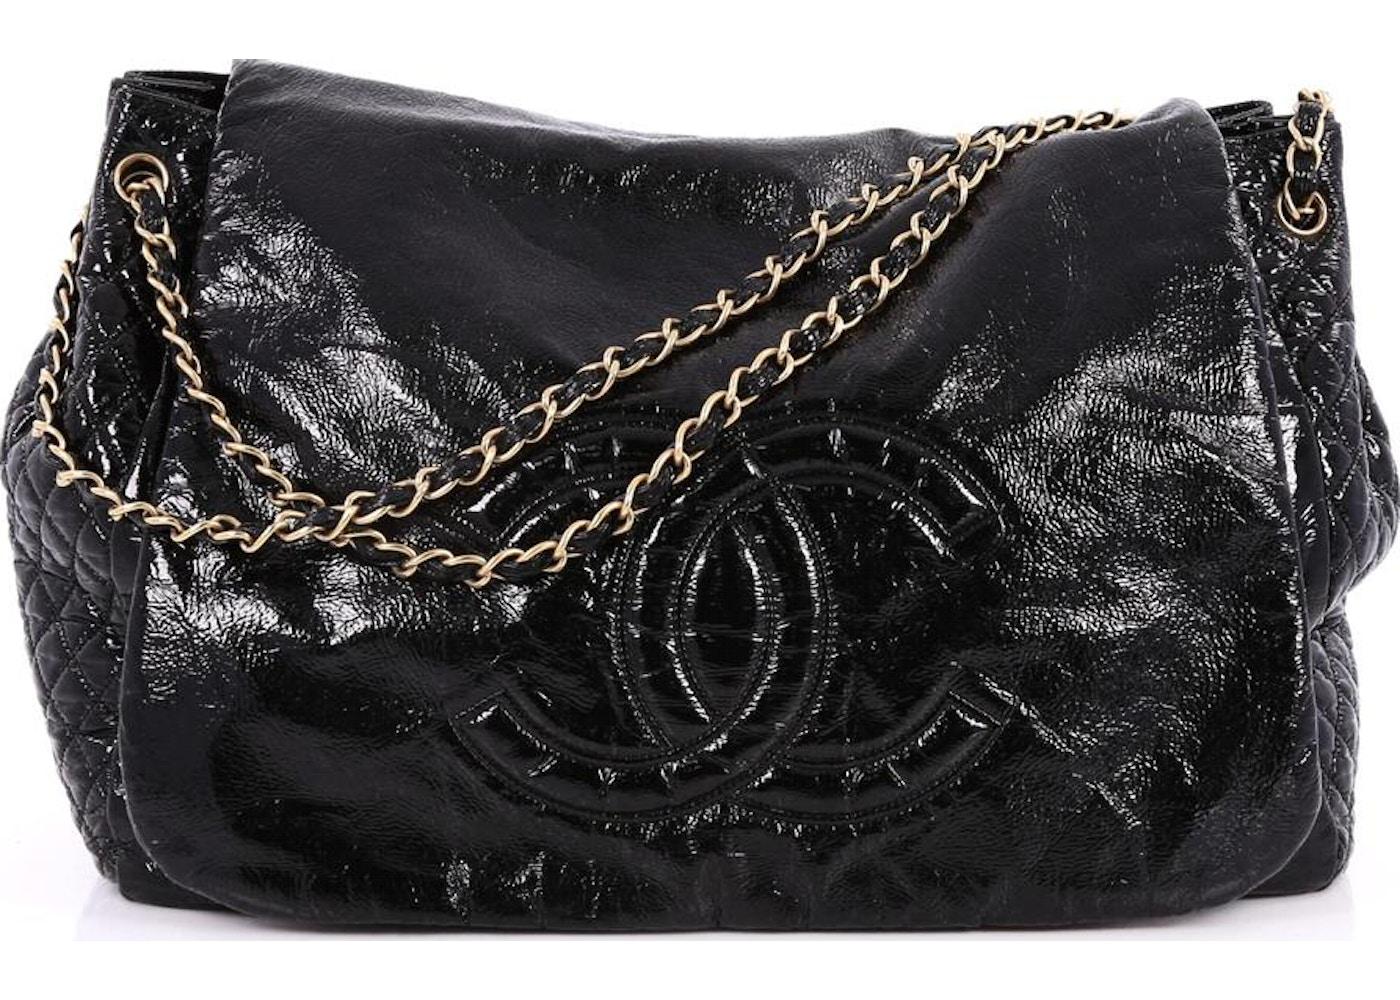 29de7d75af4e Chanel Rock And Chain Flap XL Black. XL Black